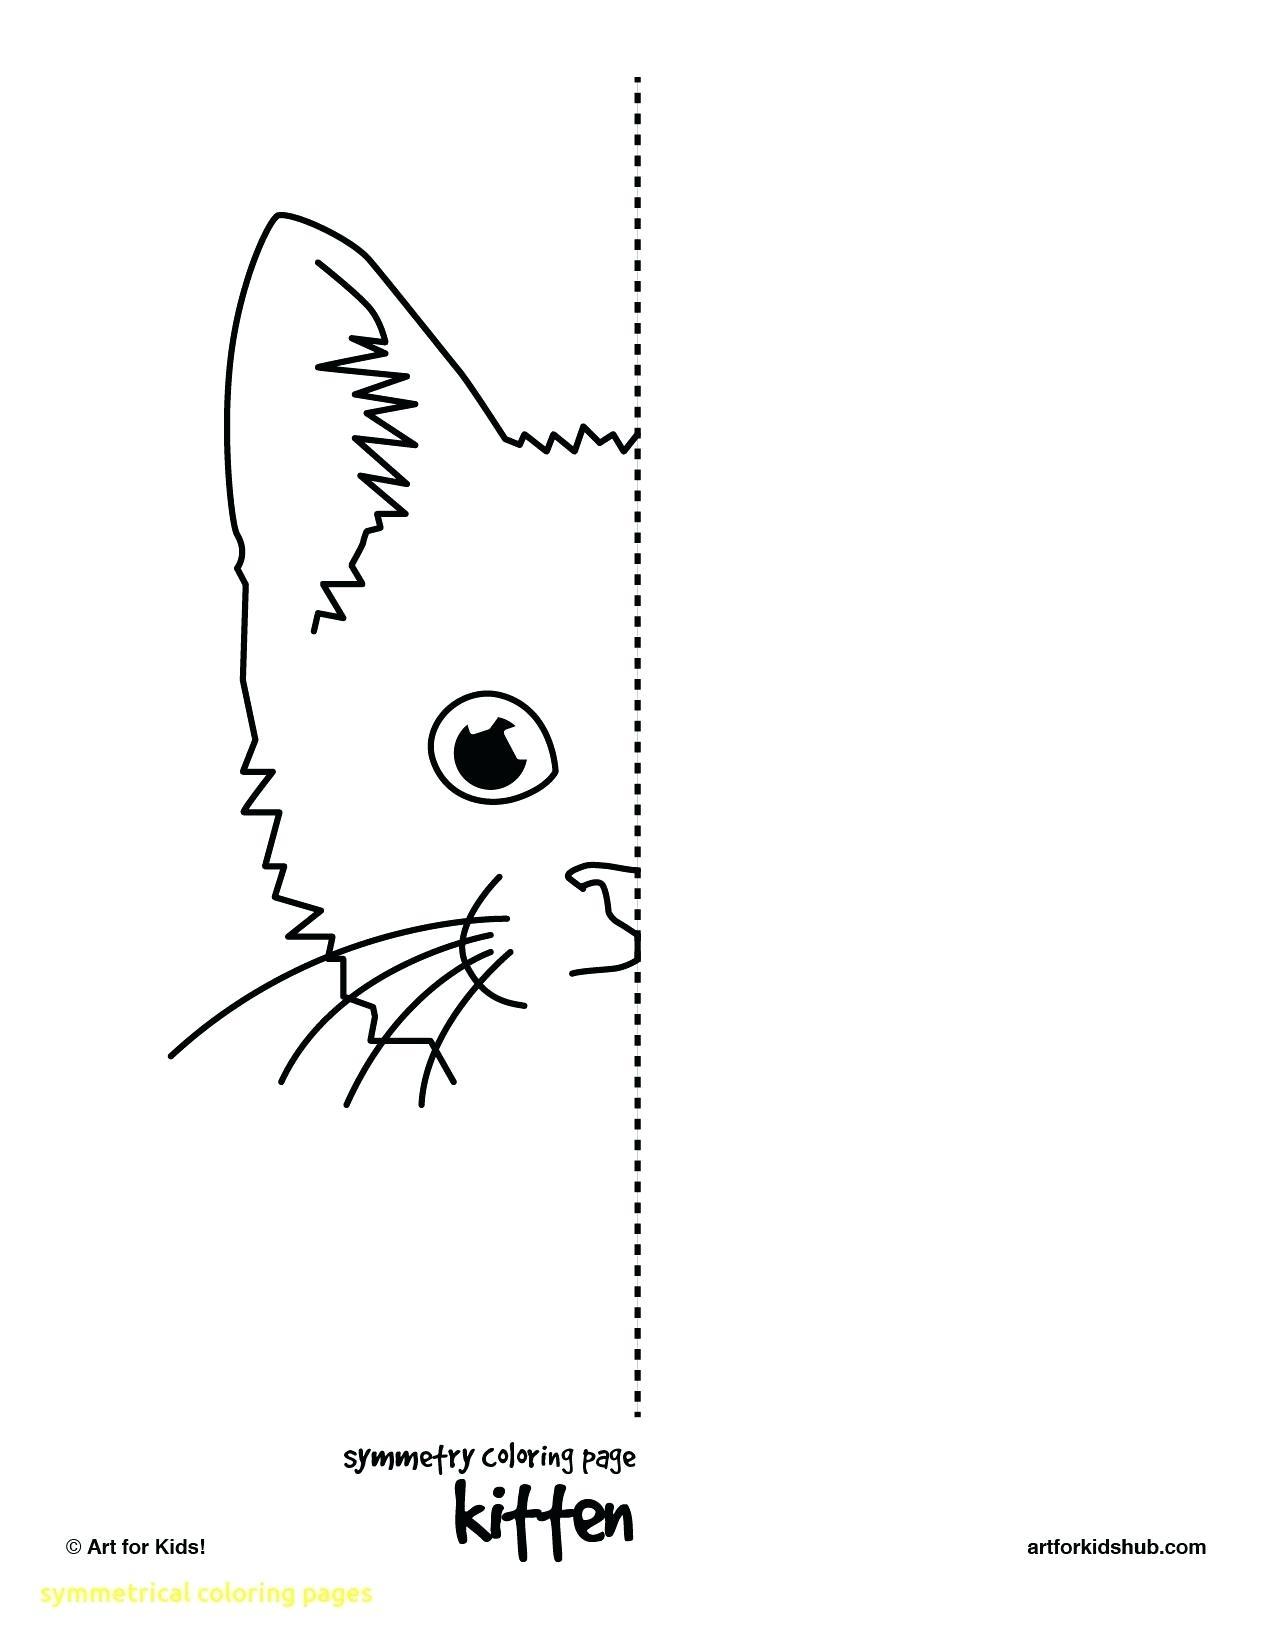 1275x1650 Worksheet Drawing Symmetry Worksheets Worksheet. Drawing Symmetry